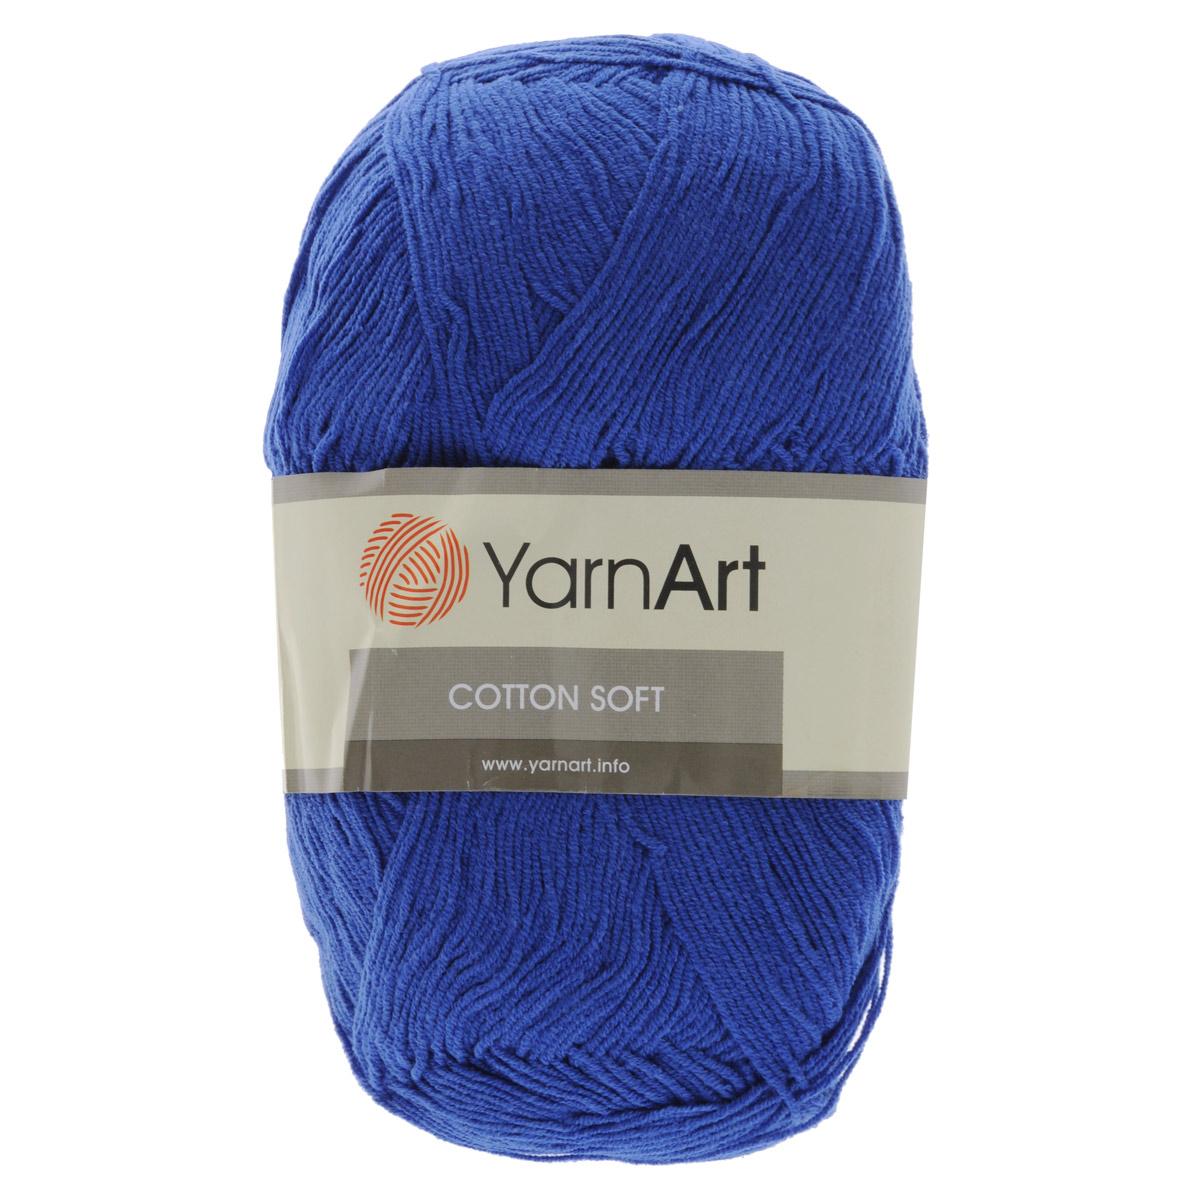 Пряжа для вязания YarnArt Cotton Soft, цвет: синий (47), 600 м, 100 г, 5 шт372071_47Пряжа для вязания YarnArt Cotton Soft изготовлена из хлопка и полиакрила. Эта универсальная пряжа подходит для вязания крючком и спицами, а также для машинного вязания. Нить ровная, тонкая, не линяет и не выгорает. Прекрасно подойдет для создания водолазок, платьев, юбок, шалей, а также детских вещей. Изделия из этой пряжи получаются мягкие, очень легкие, износостойкие. Цветовая гамма пряжи очень богатая, вы можете пополнить свой гардероб изделиями из нее на любой сезон: джемпером, жакетом, свитером и другими полезными и оригинальными вещами, которые прослужат вам и вашим близким очень долго и не создадут трудностей в уходе за ними. Рекомендованные спицы и крючок 2,5 мм. Состав: 55% хлопок, 45% полиакрил.